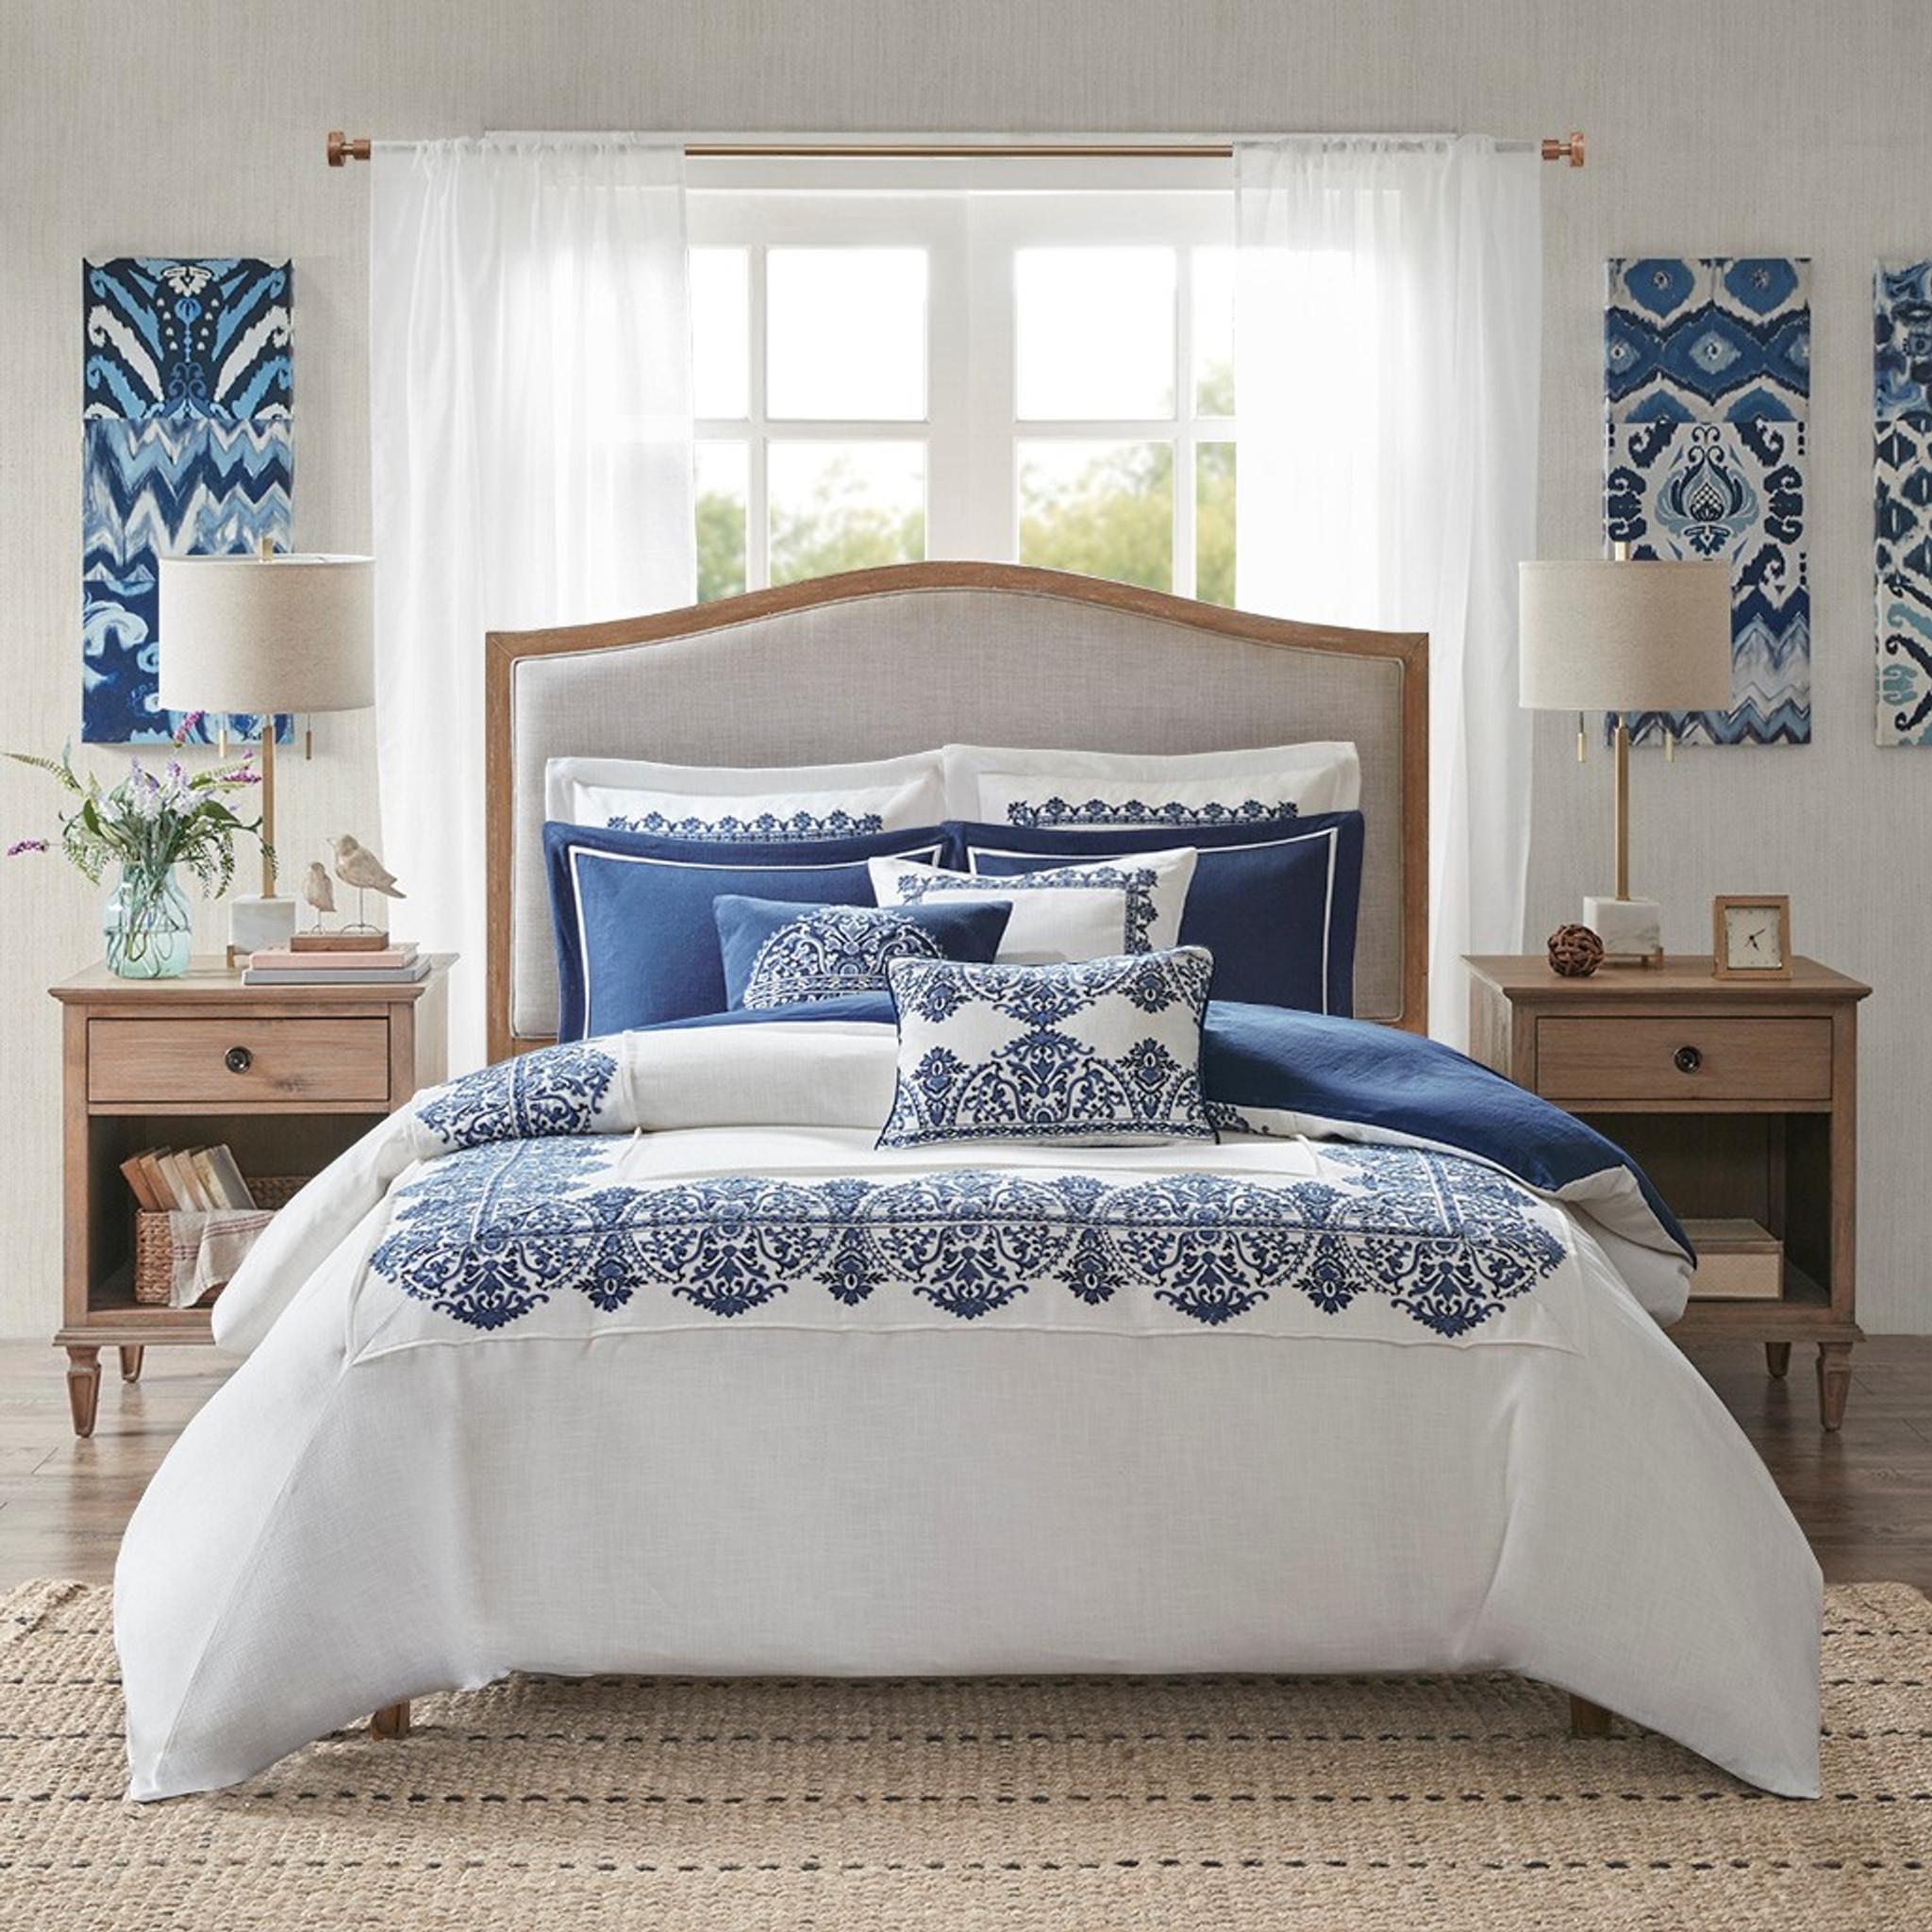 Indigo Skye Oversized Queen Size 8 Piece Comforter Set Caron S Beach House